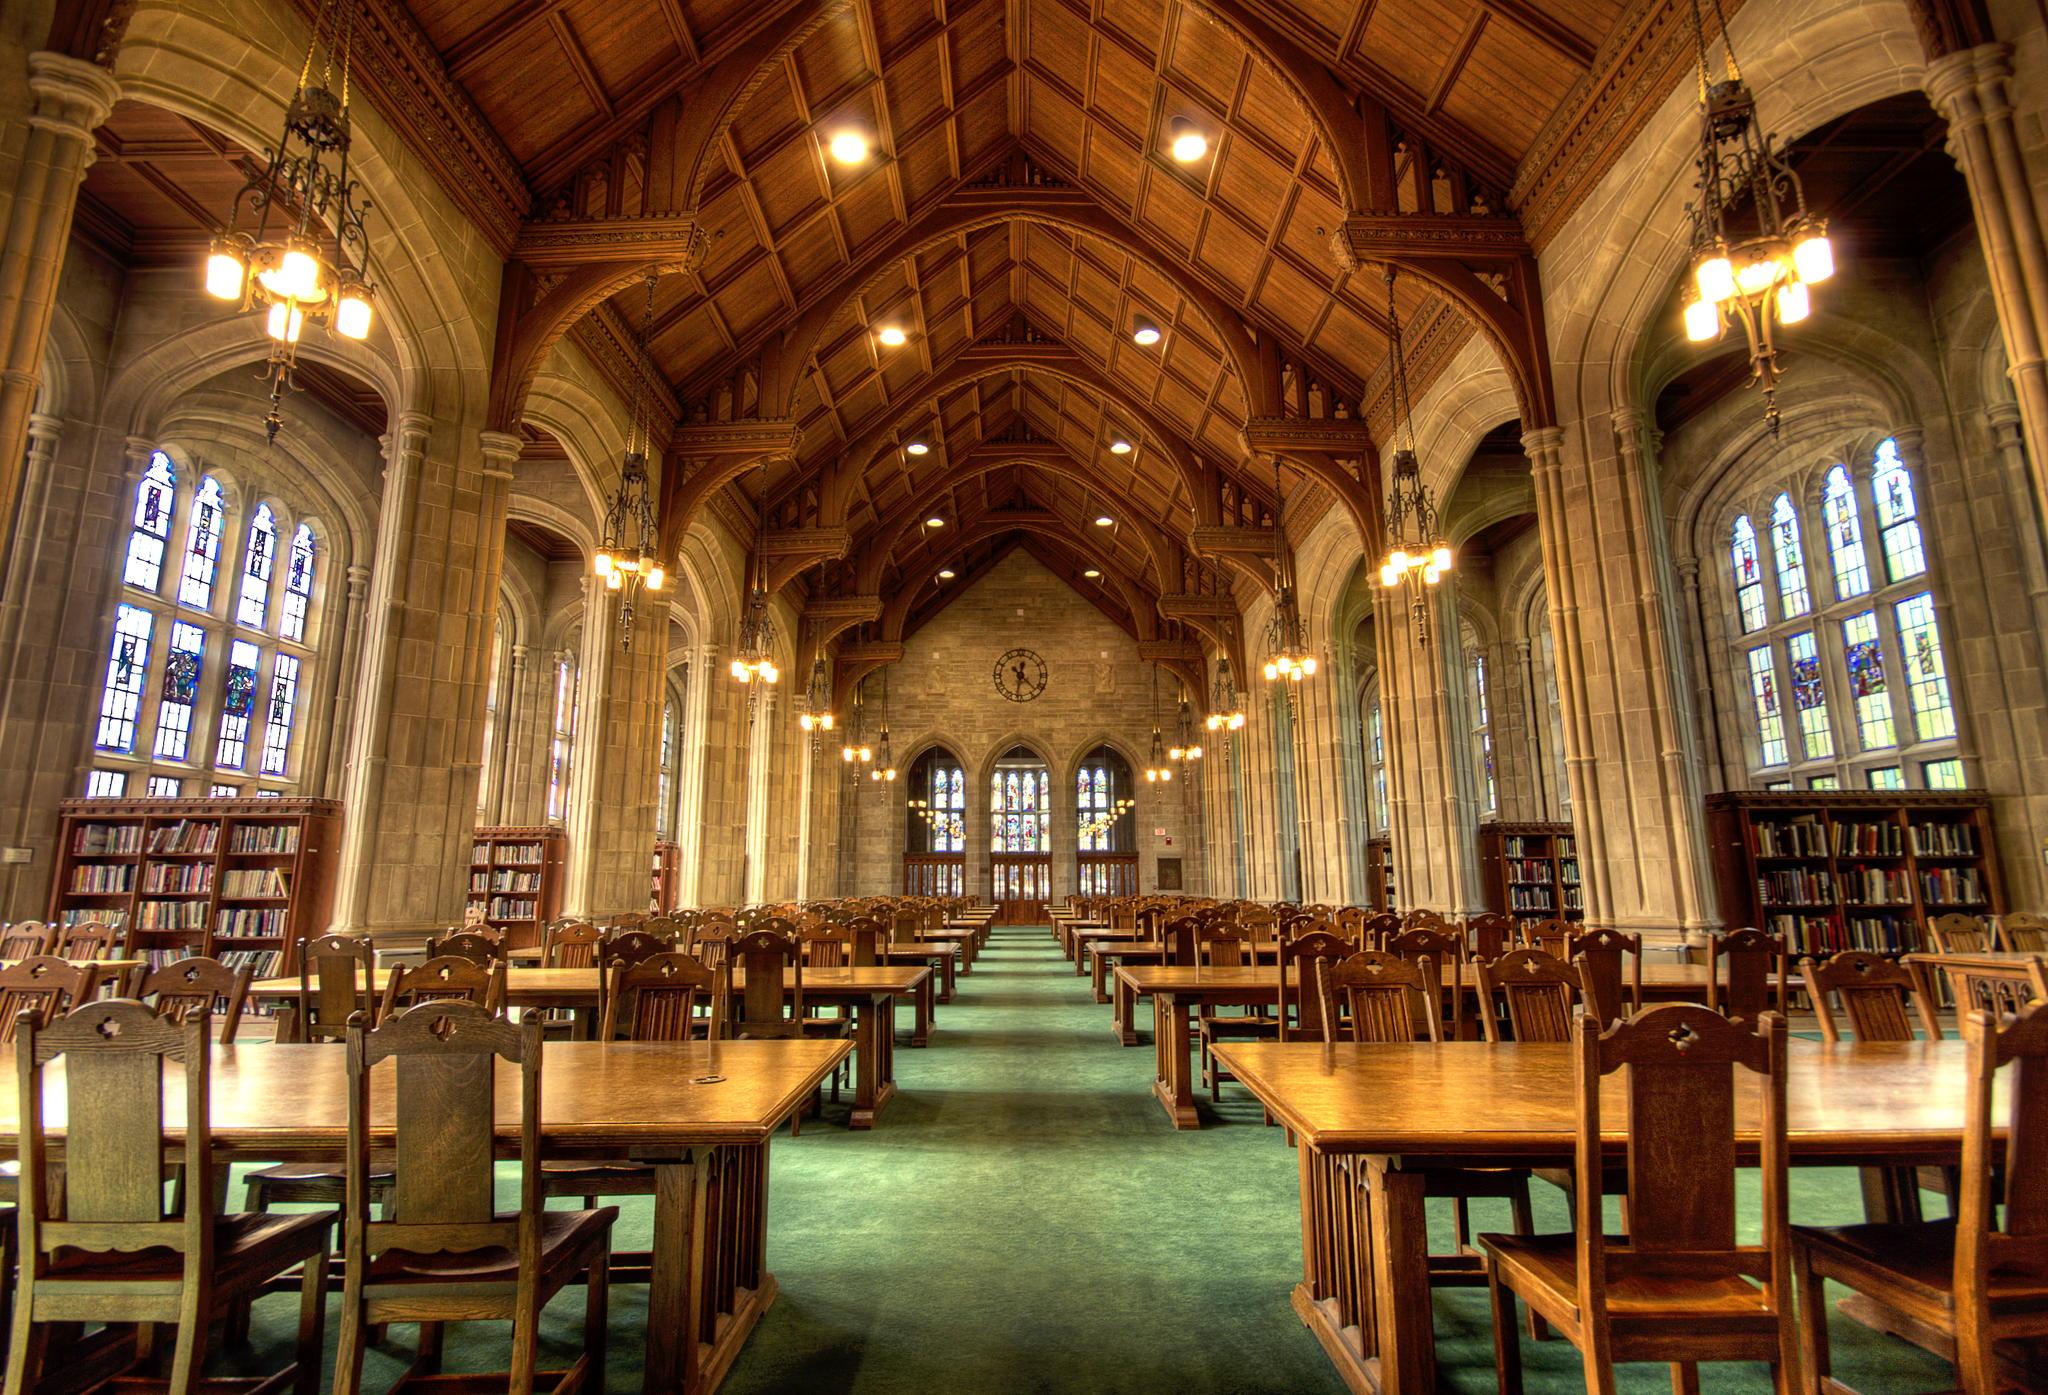 Bapst Library, Boston College, Boston, MA